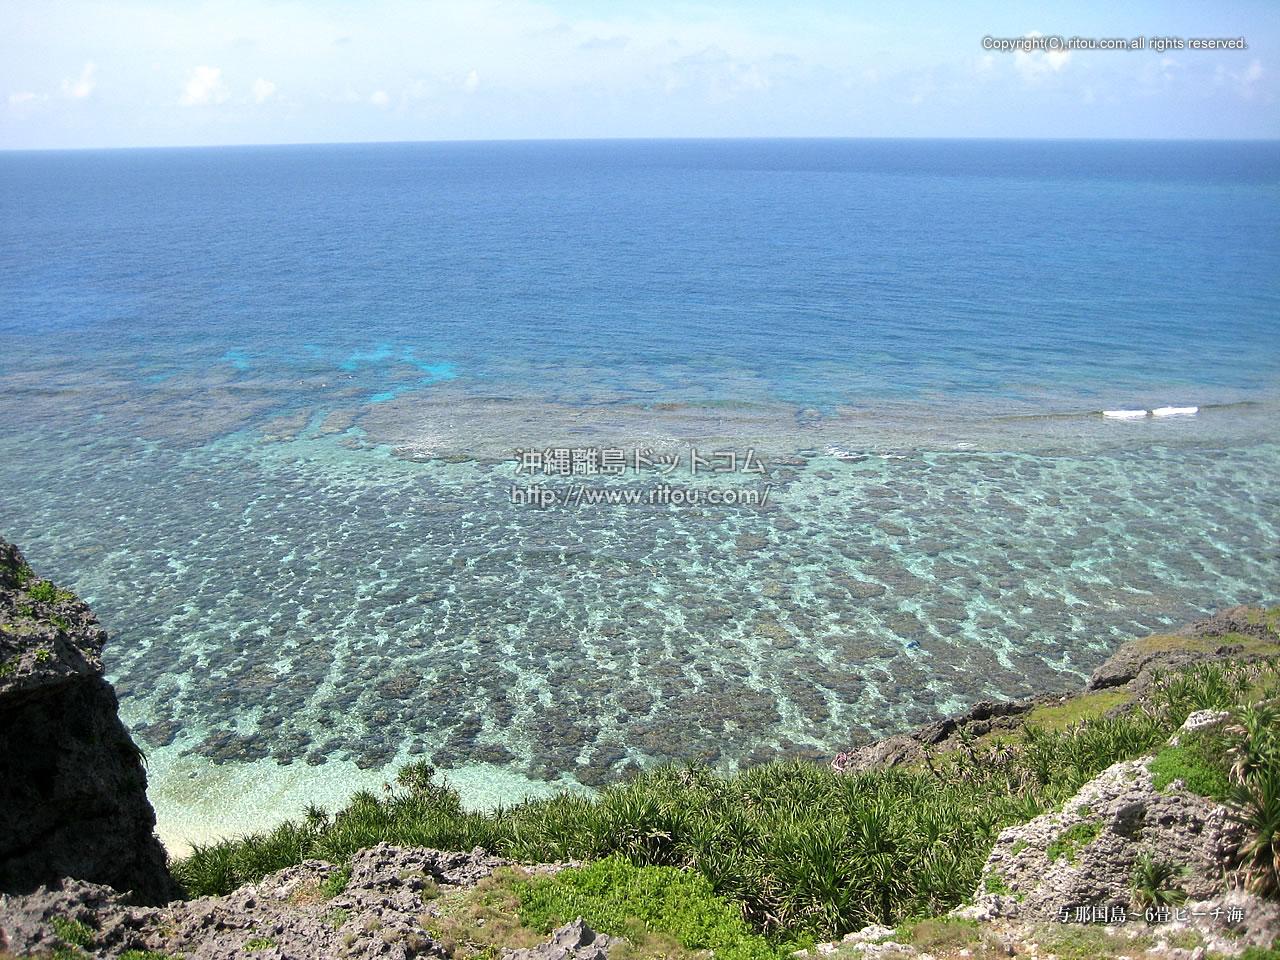 与那国島〜6畳ビーチ海